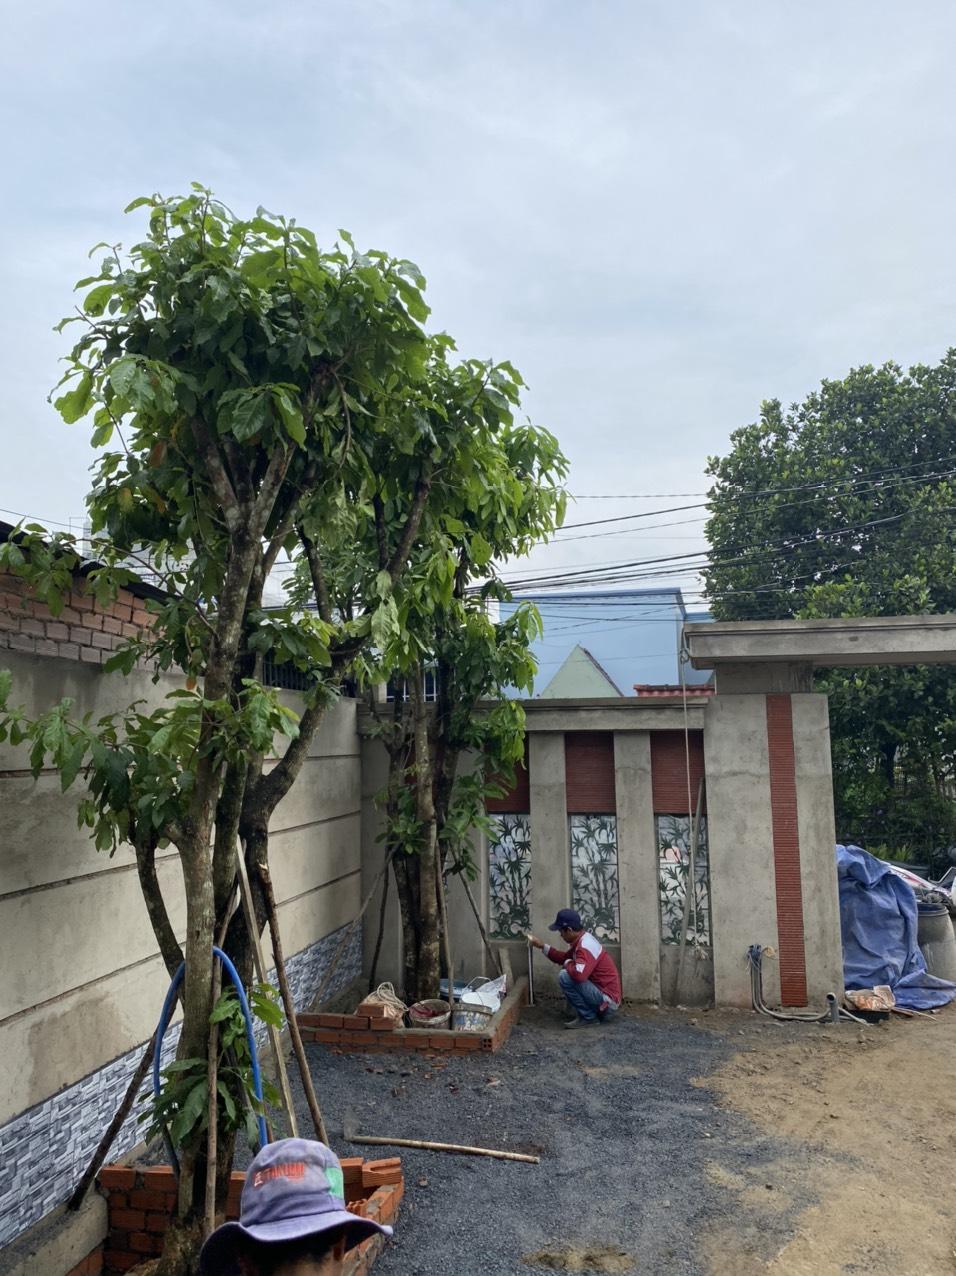 Hình ảnh thi công xây dựng công trình Biên Hòa Đồng Nai 25